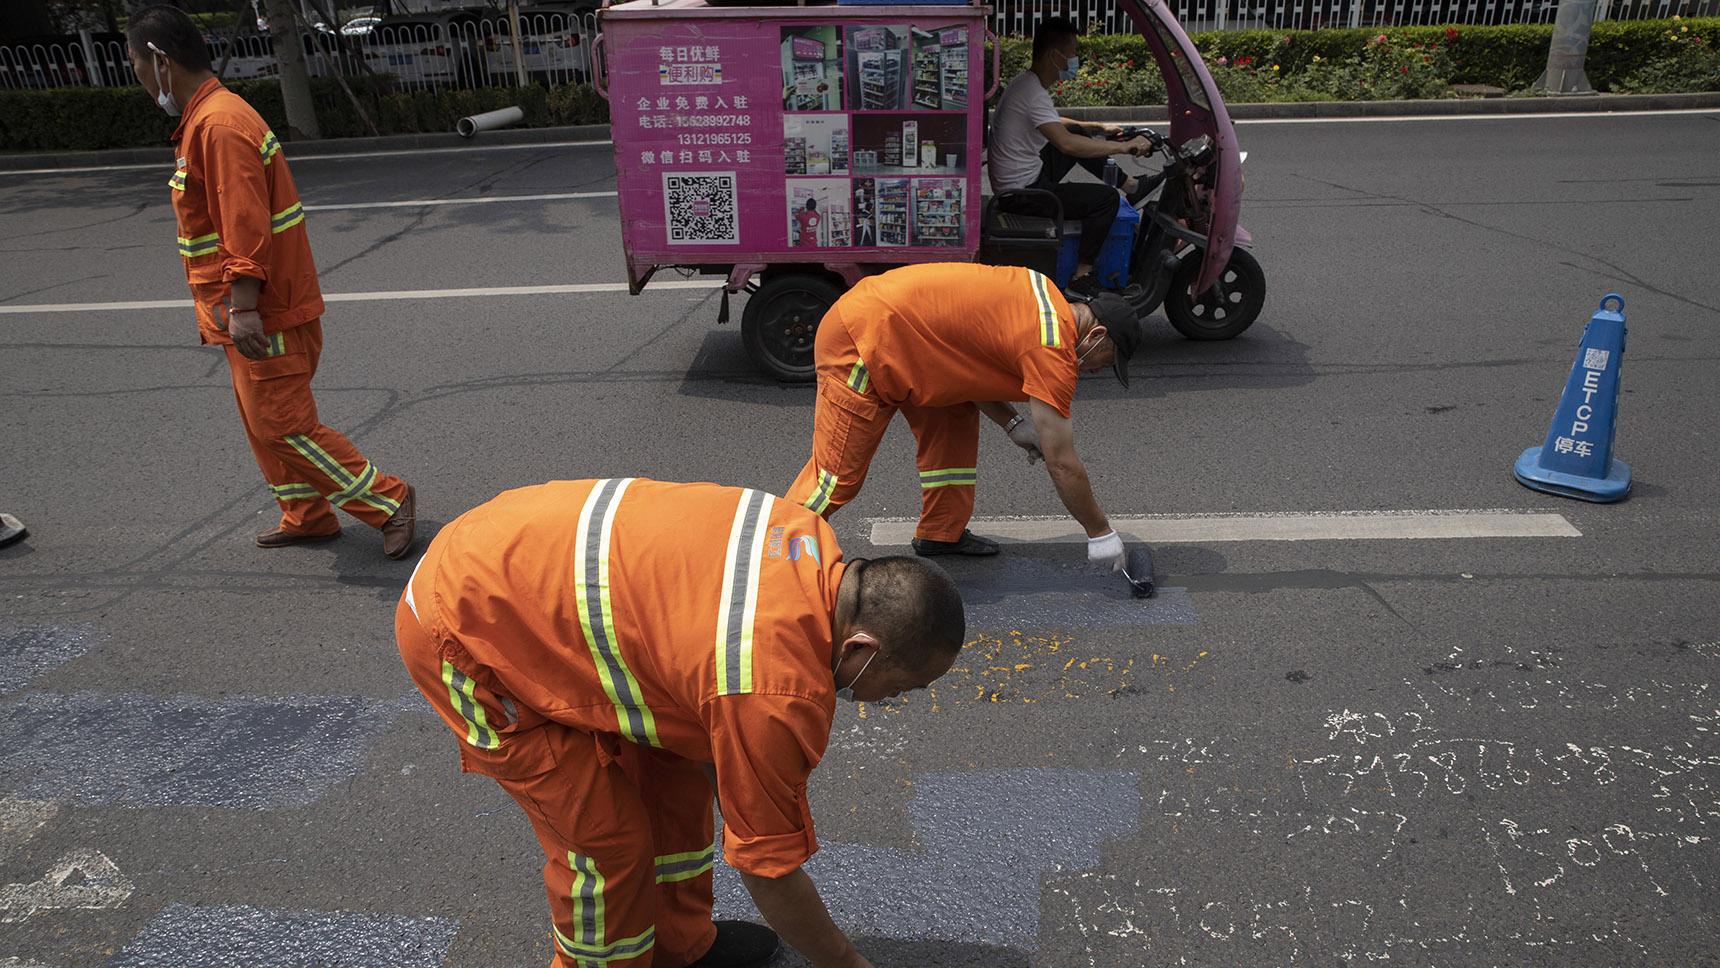 2020年7月31日,北京的工人在清理地上的广告涂鸦。(美联社)